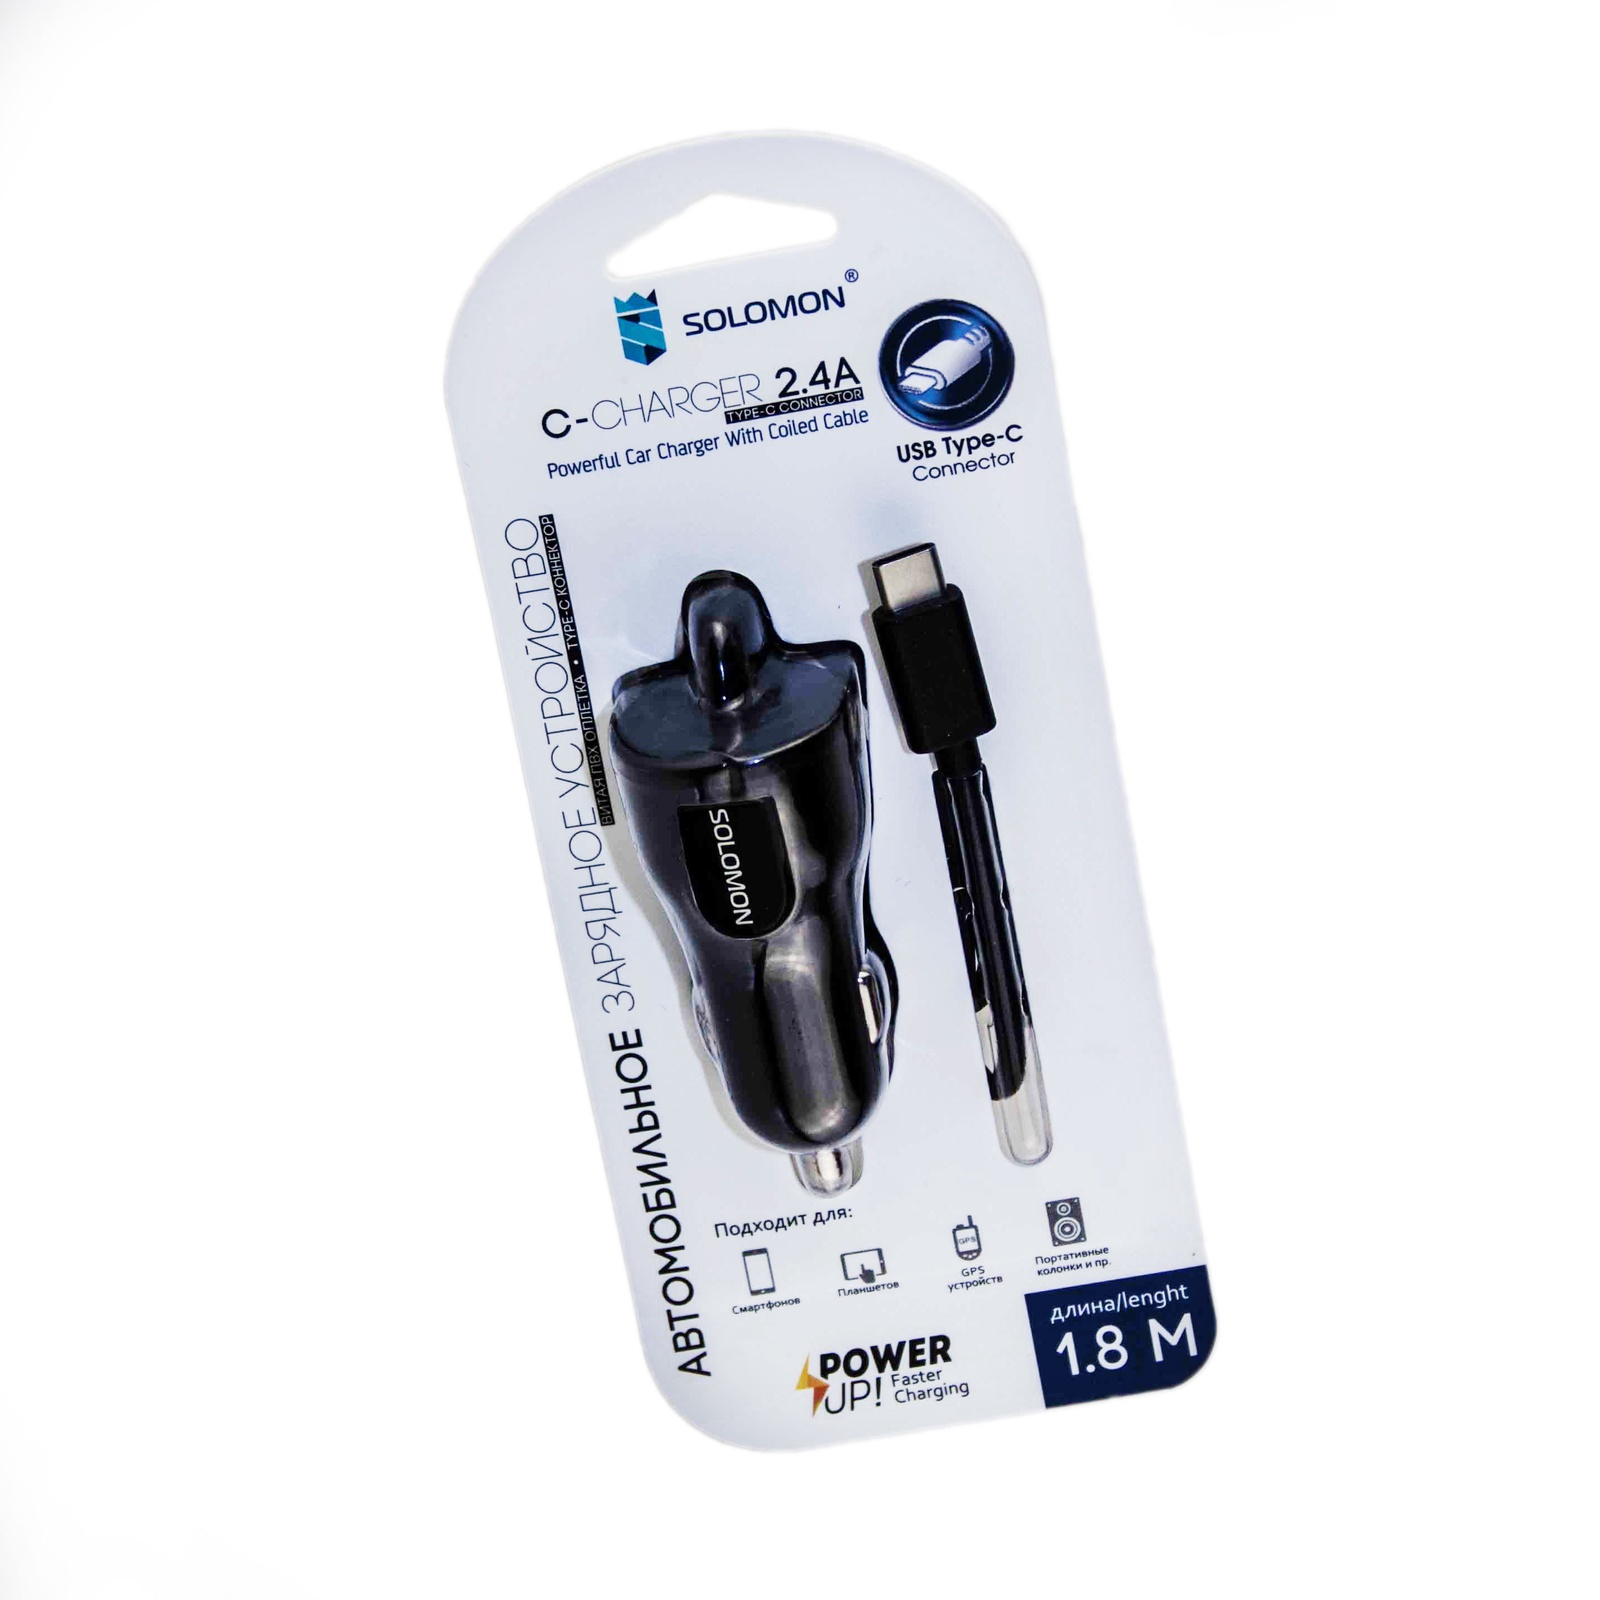 Автомобильное зарядное устройство (в прикуриватель) Solomon C-Charger со встроенным кабелем Type-C (SC-CC180T), черный sven usb car charger c 123 black автомобильное зарядное устройство